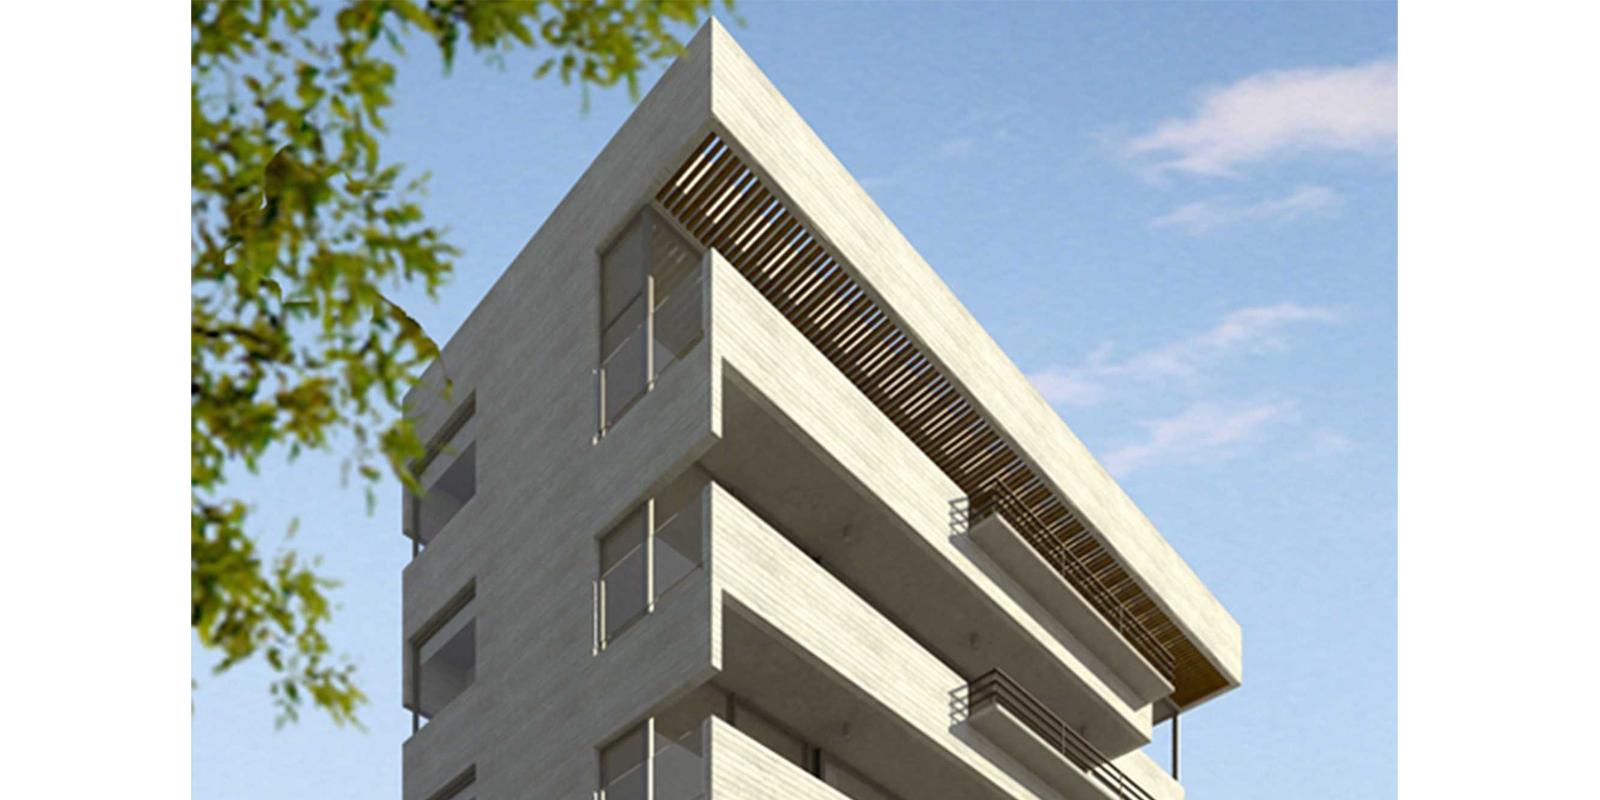 ProyectoC_Arquitectos_Portfolio_03_Caseros